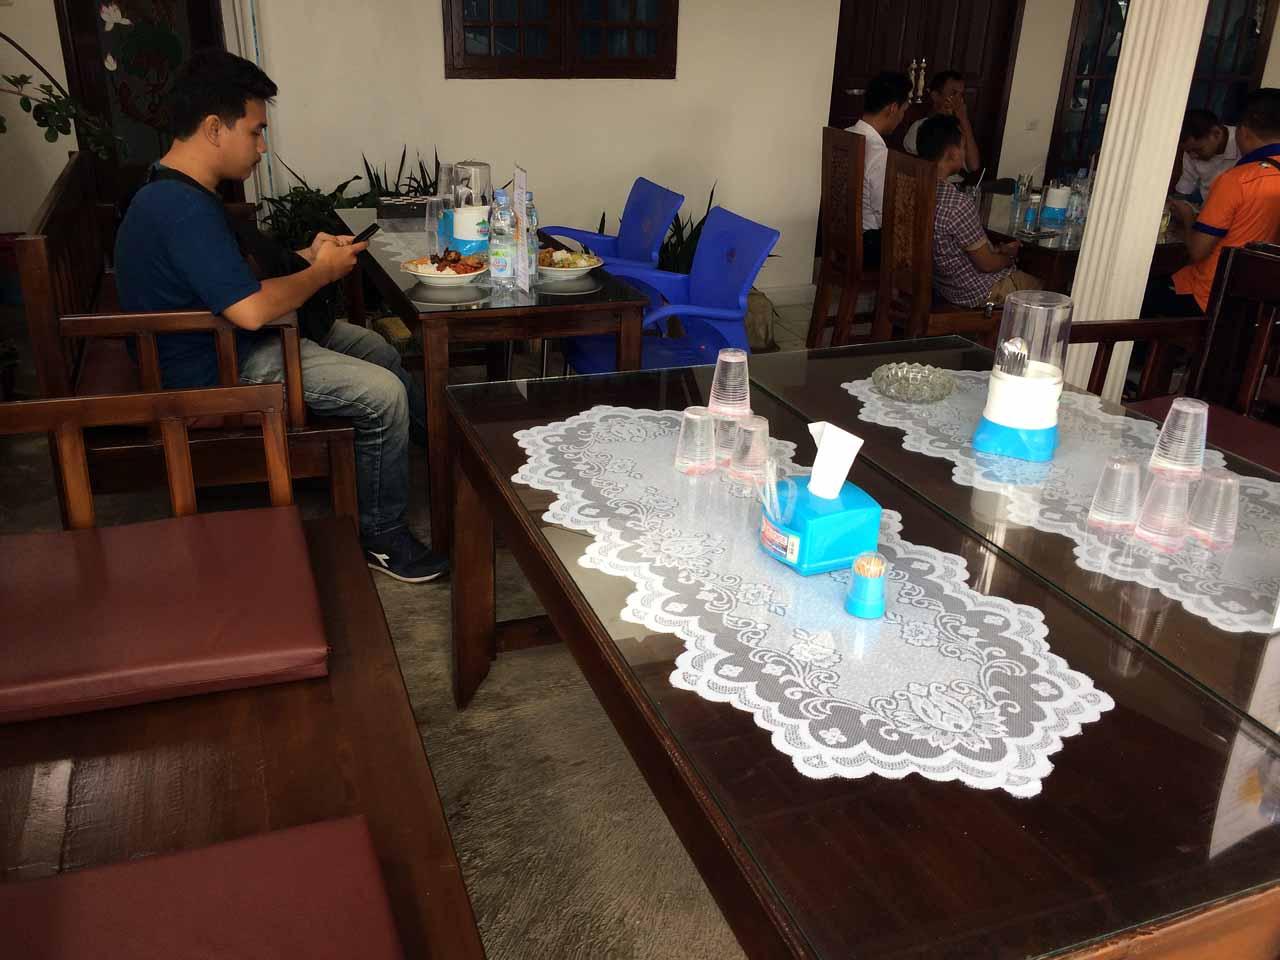 Kantin Rina - Tempat makan di bandar lampung - yopie pangkey - 4